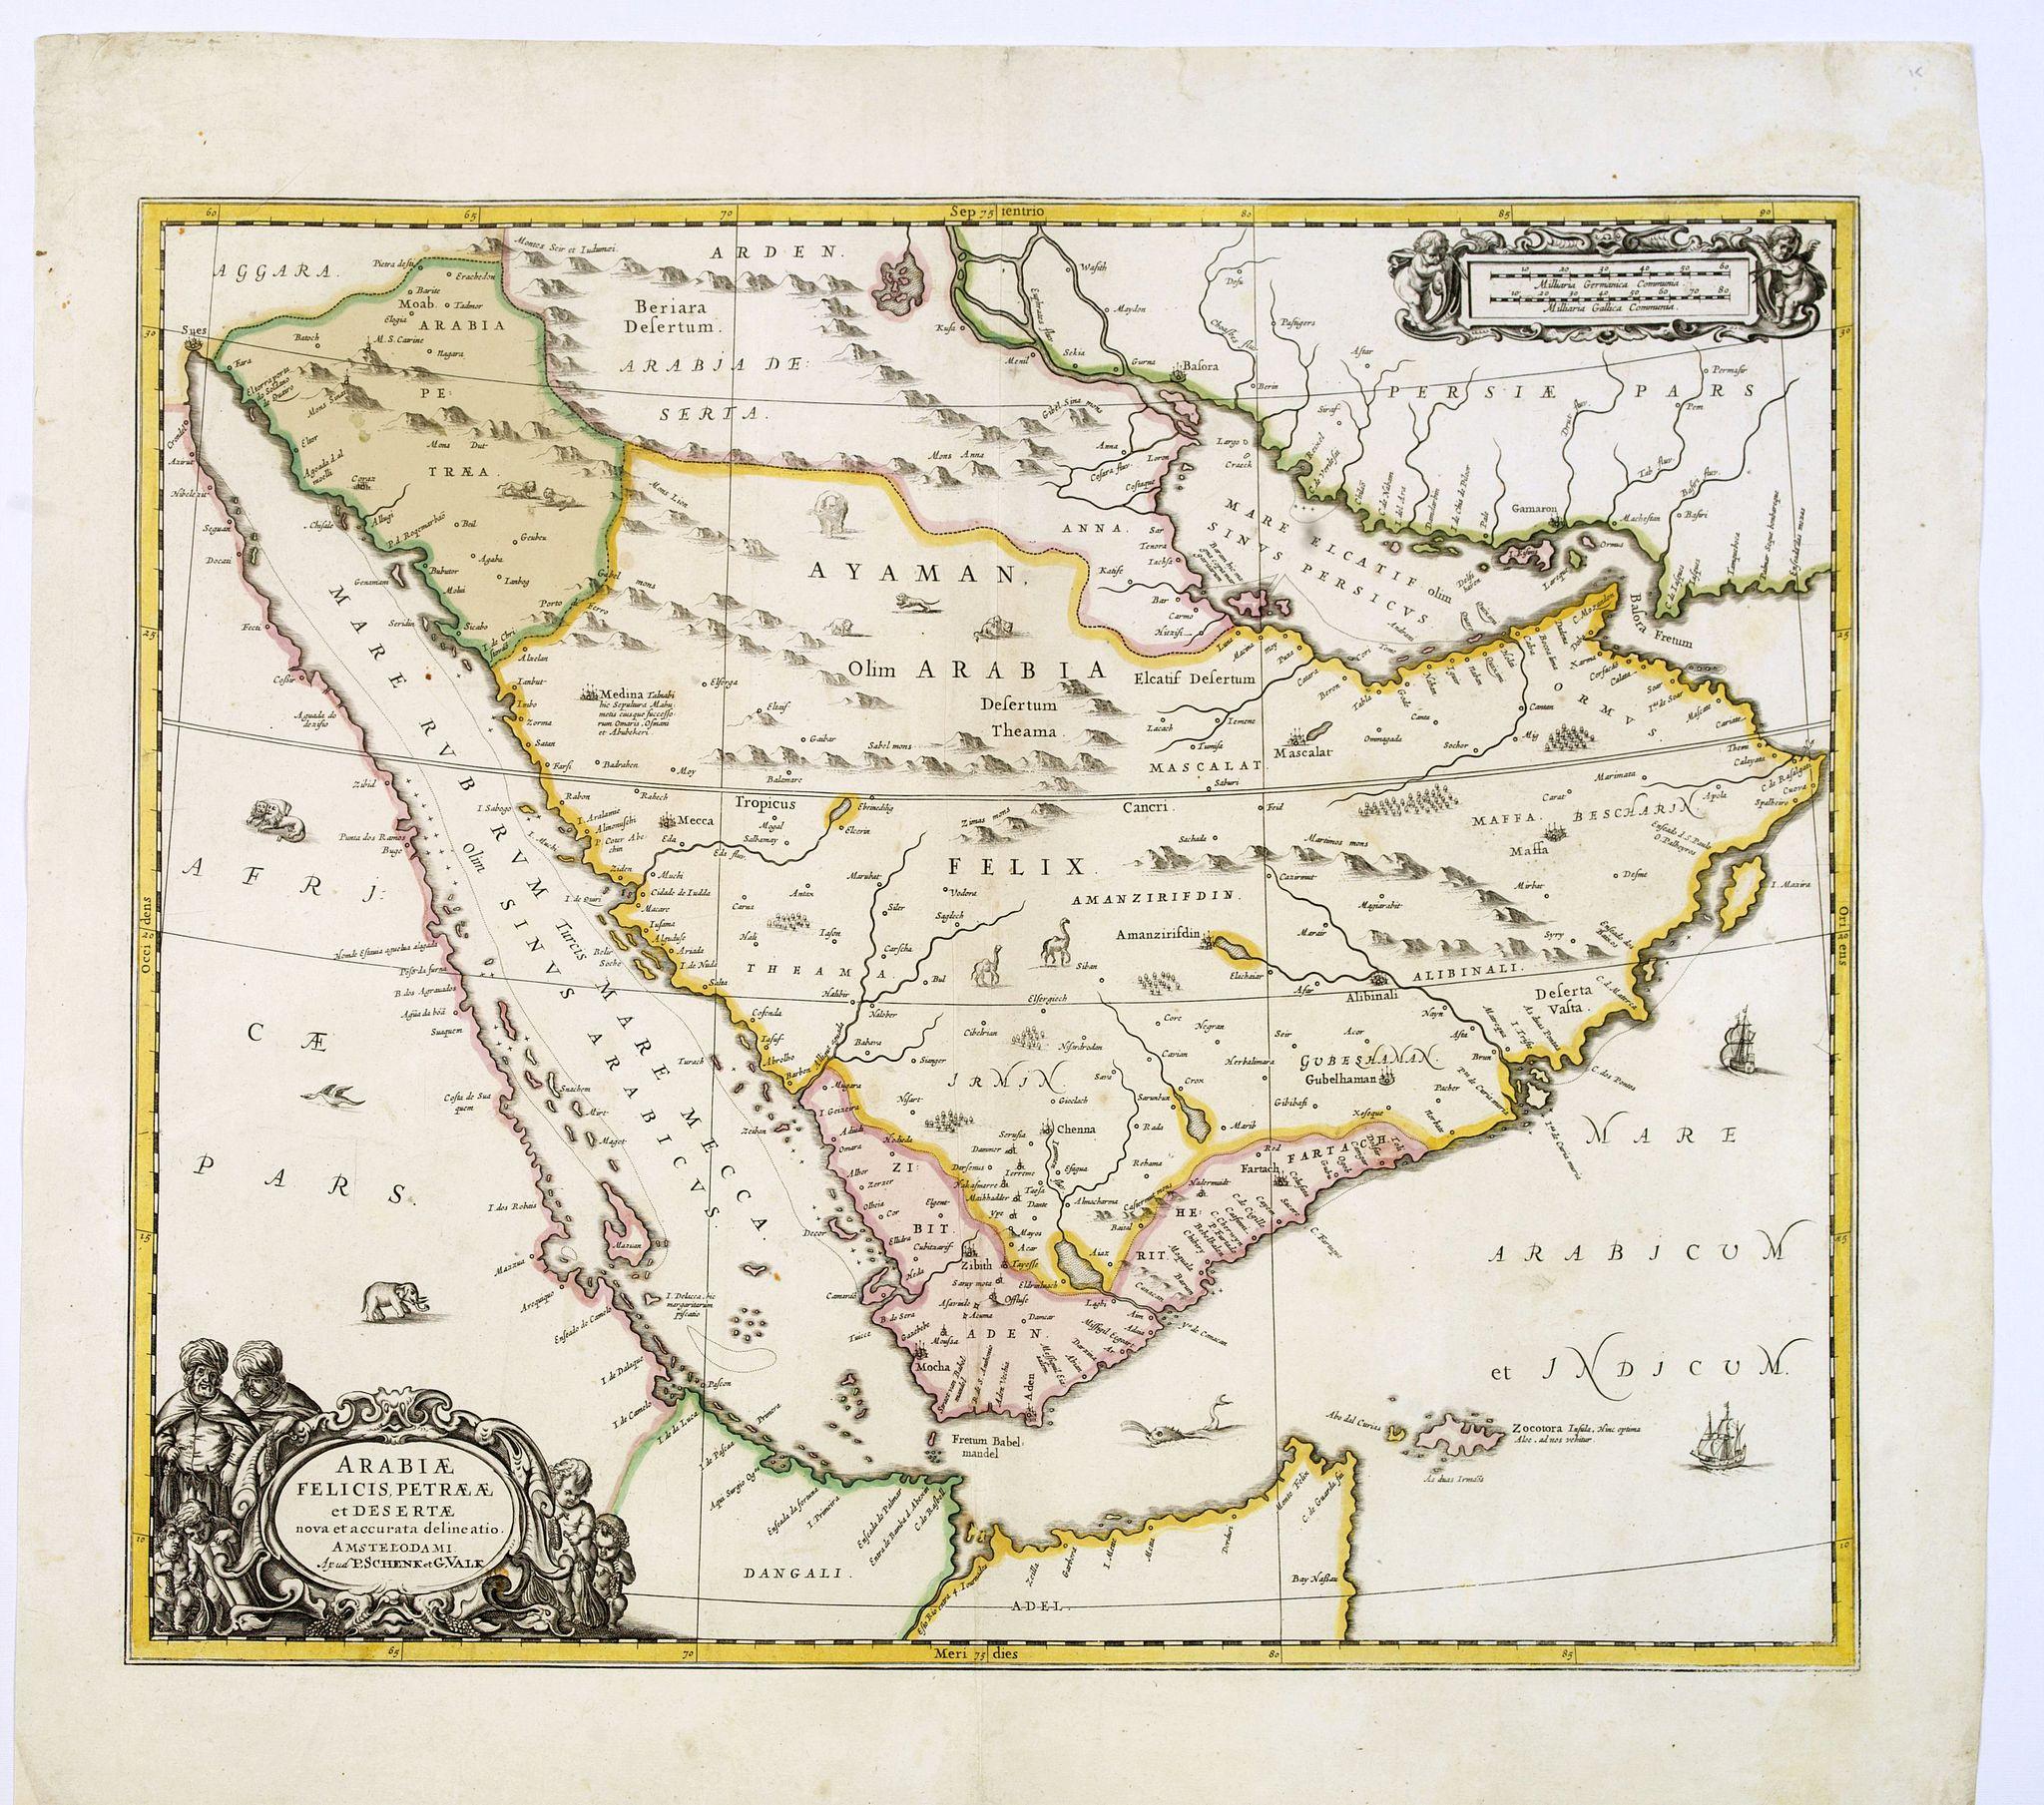 SCHENK, P./ VALK, G. -  Arabiae Felicis, petrae et desertae.